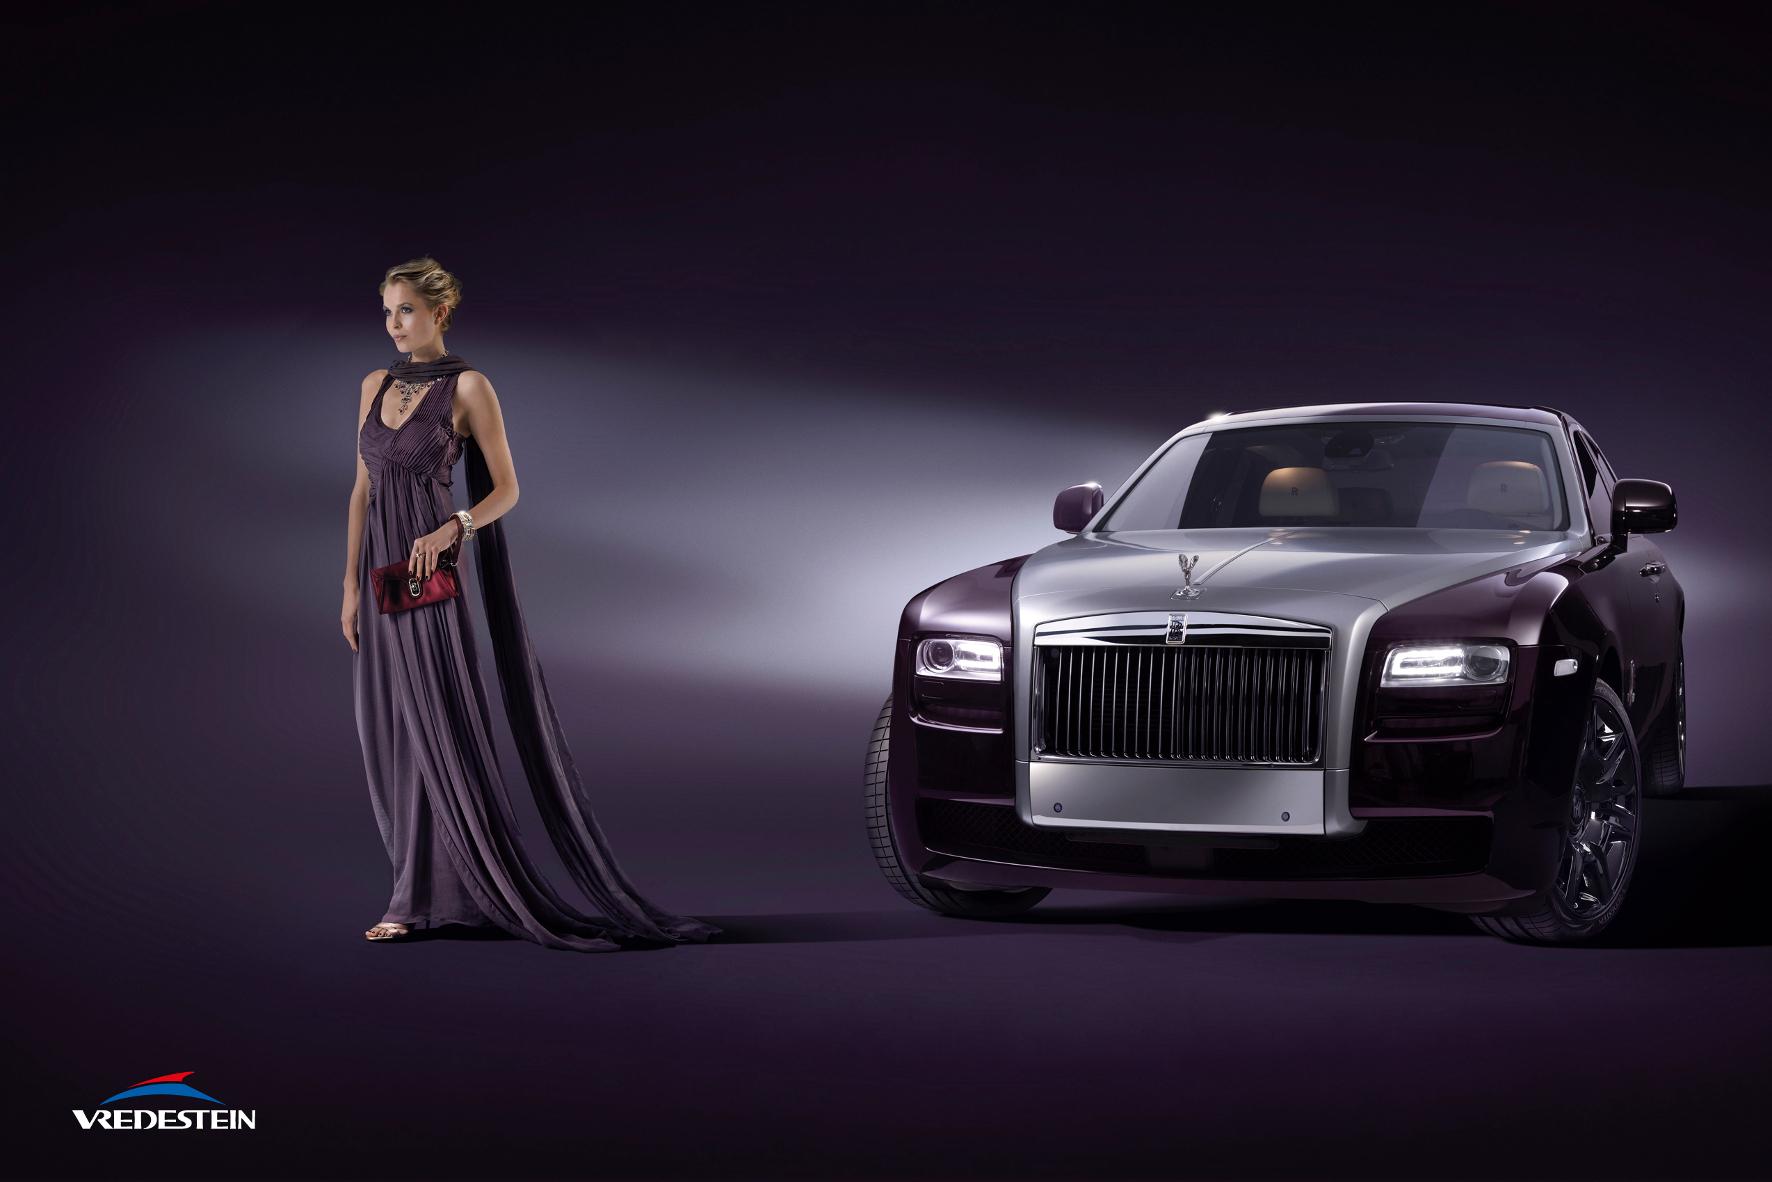 """mid Groß-Gerau - Haute Couture nicht nur für Menschen, sondern auch für Autos: Vredestein bietet im Rahmen des Konzepts """"Premium Styling by Vredestein"""" von der Design-Ikone Giugiaro entworfene Ultra-High-Performance-Reifen an."""